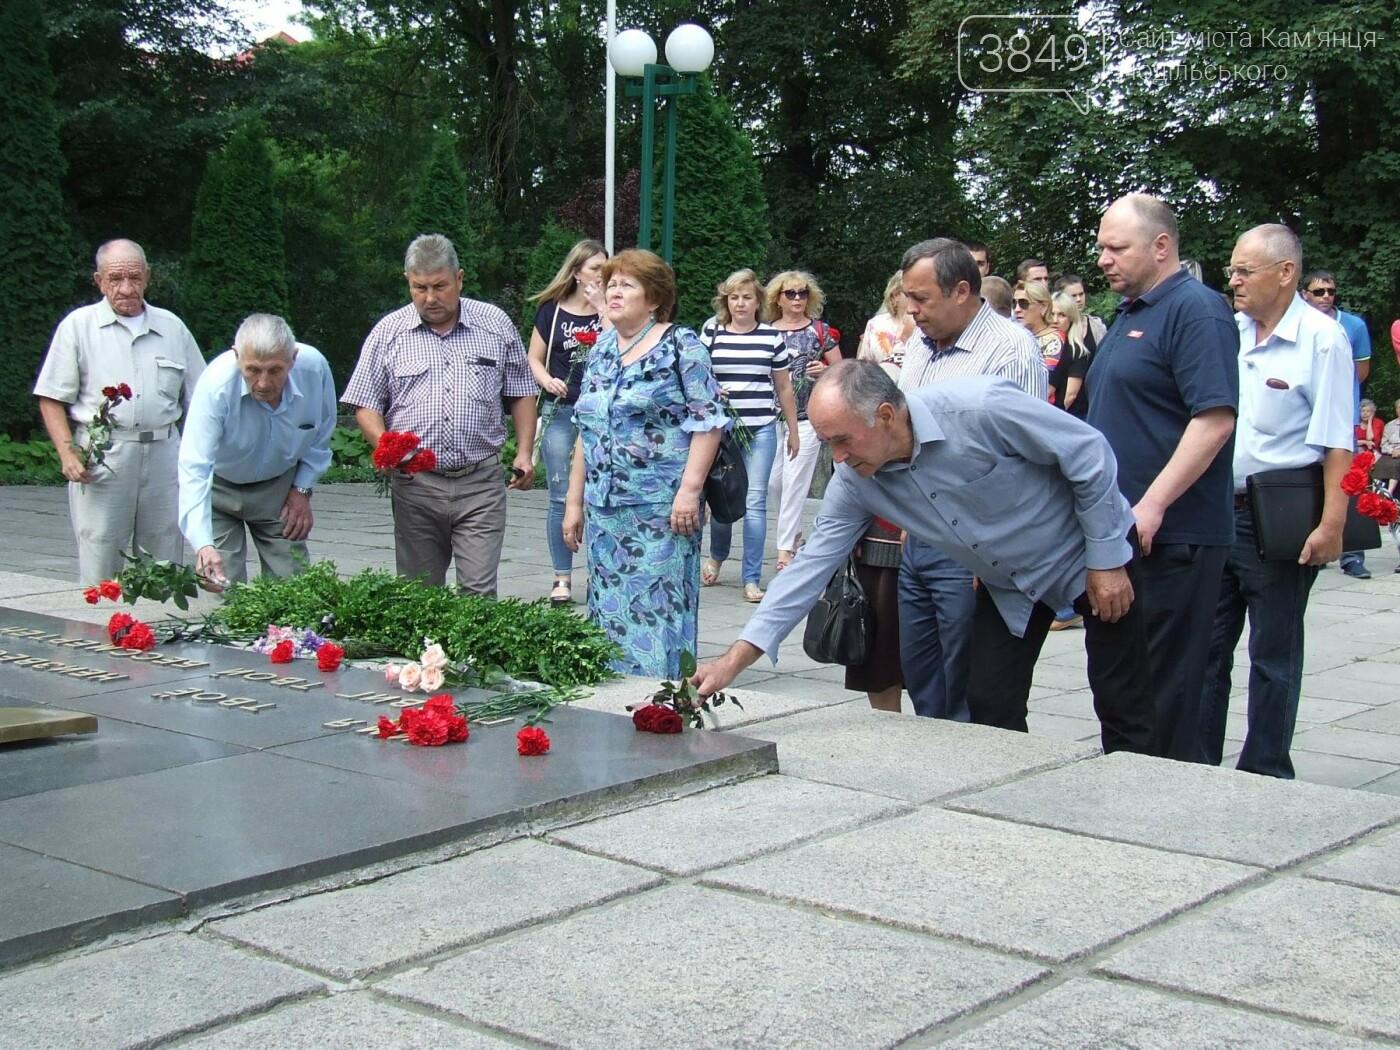 У Сквері танкістів вшанували пам'ять полеглих під час Другої світової війни, фото-10